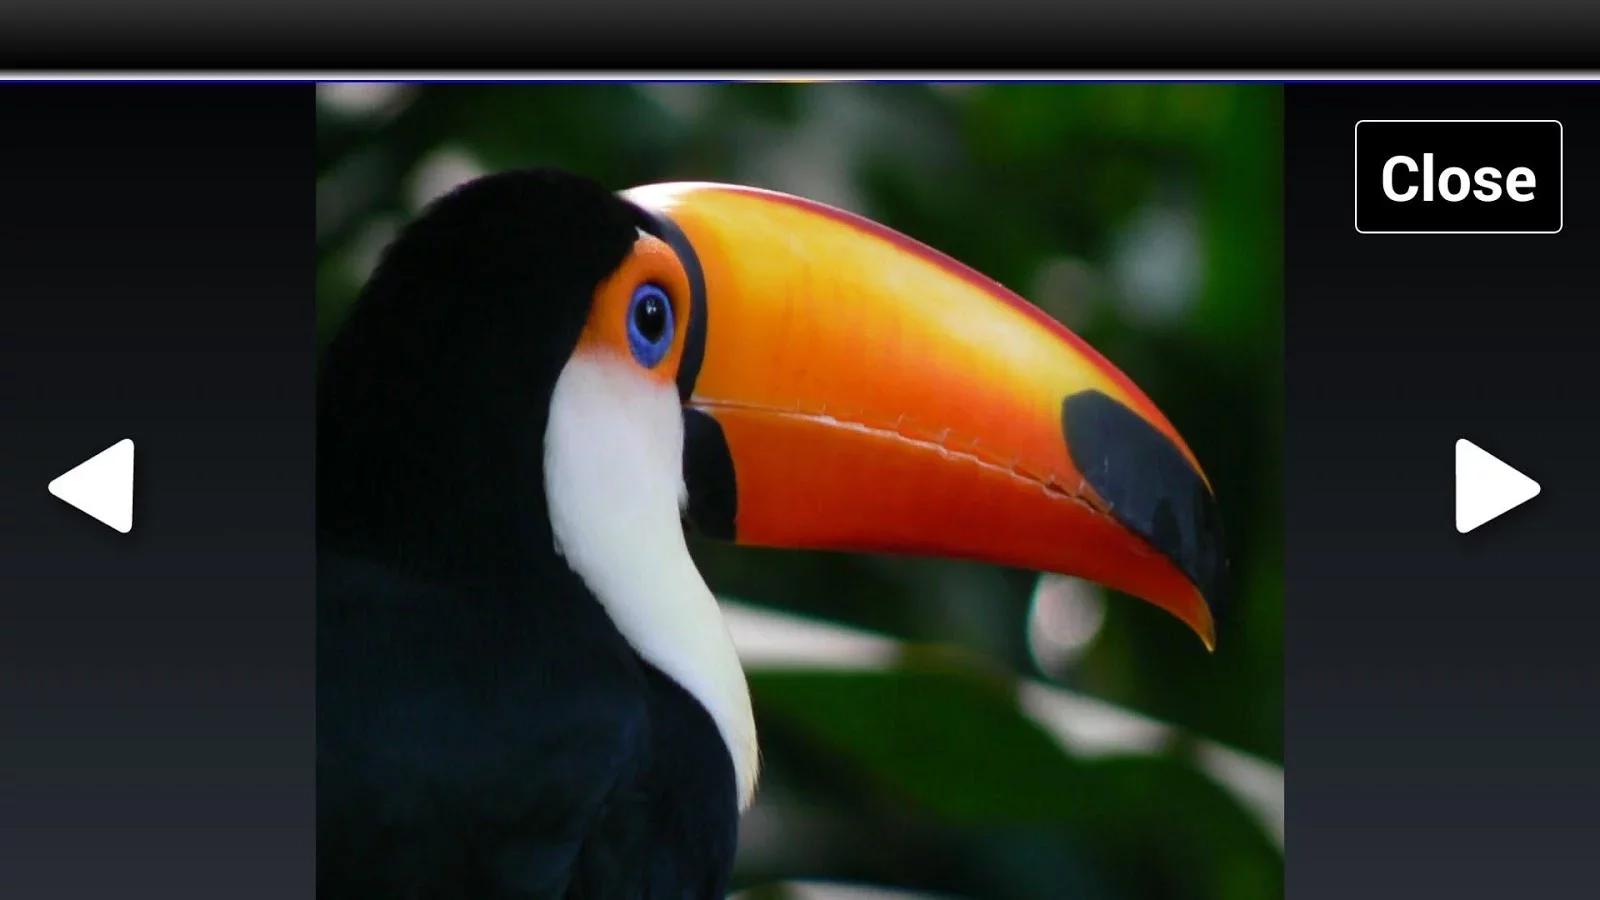 壁纸 动物 鸟 摄影 桌面 1600_900